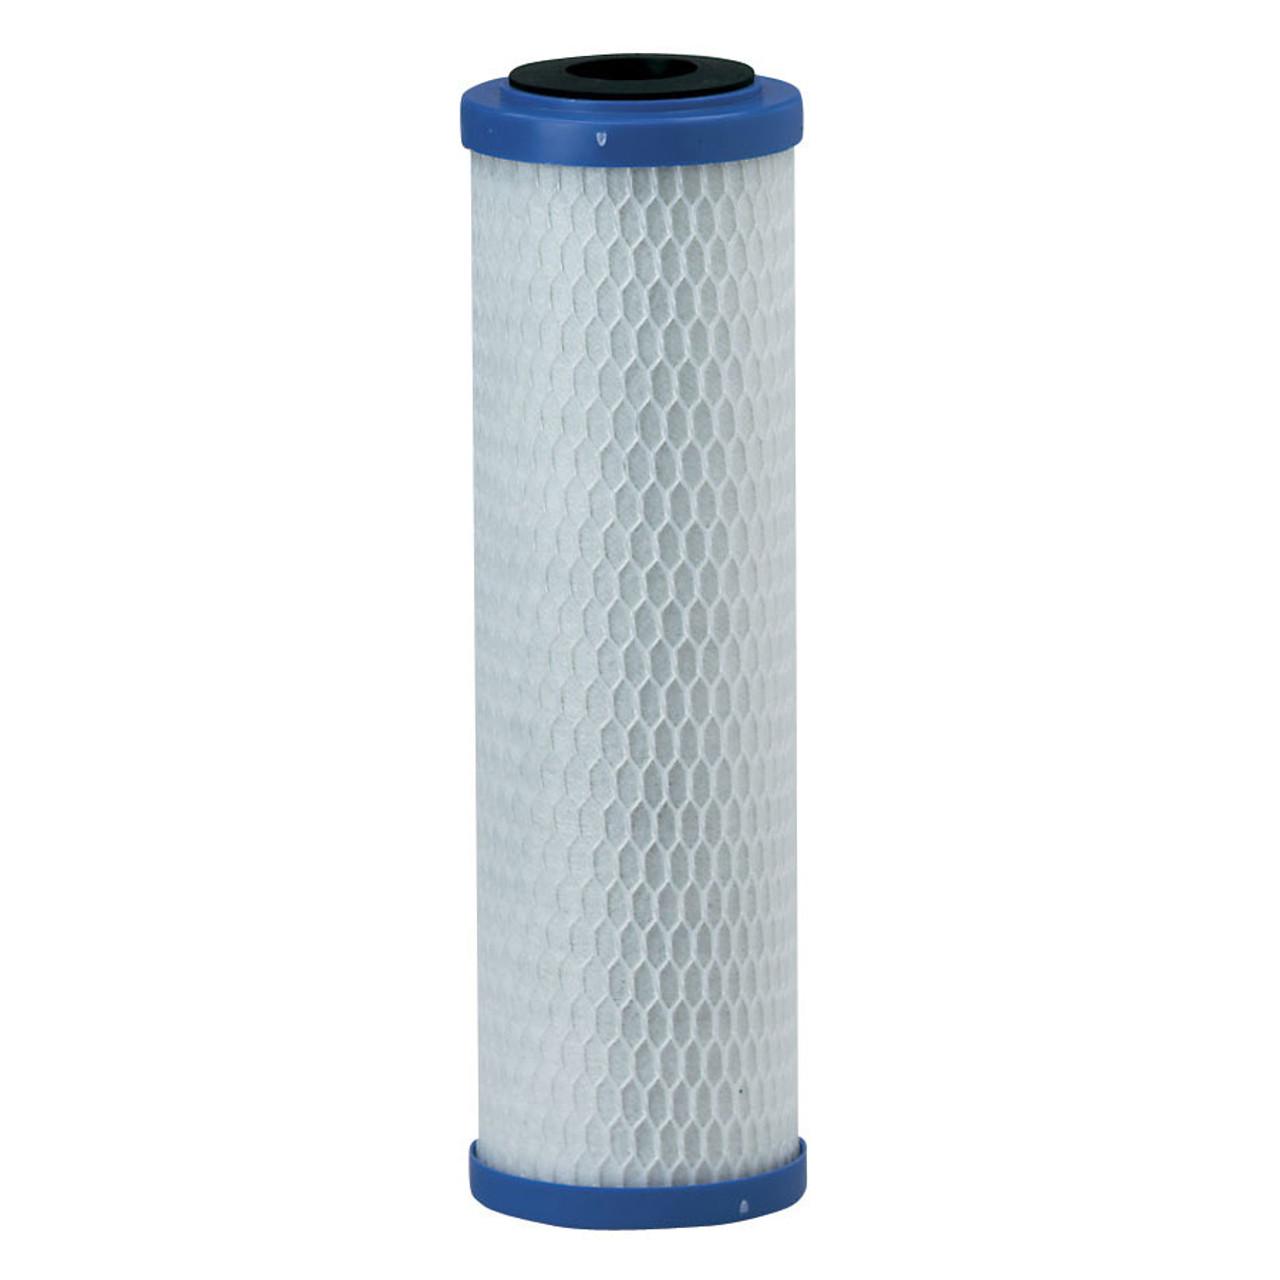 Pentek EP-10 Carbon Block 155531-43 Filter 5 Micron